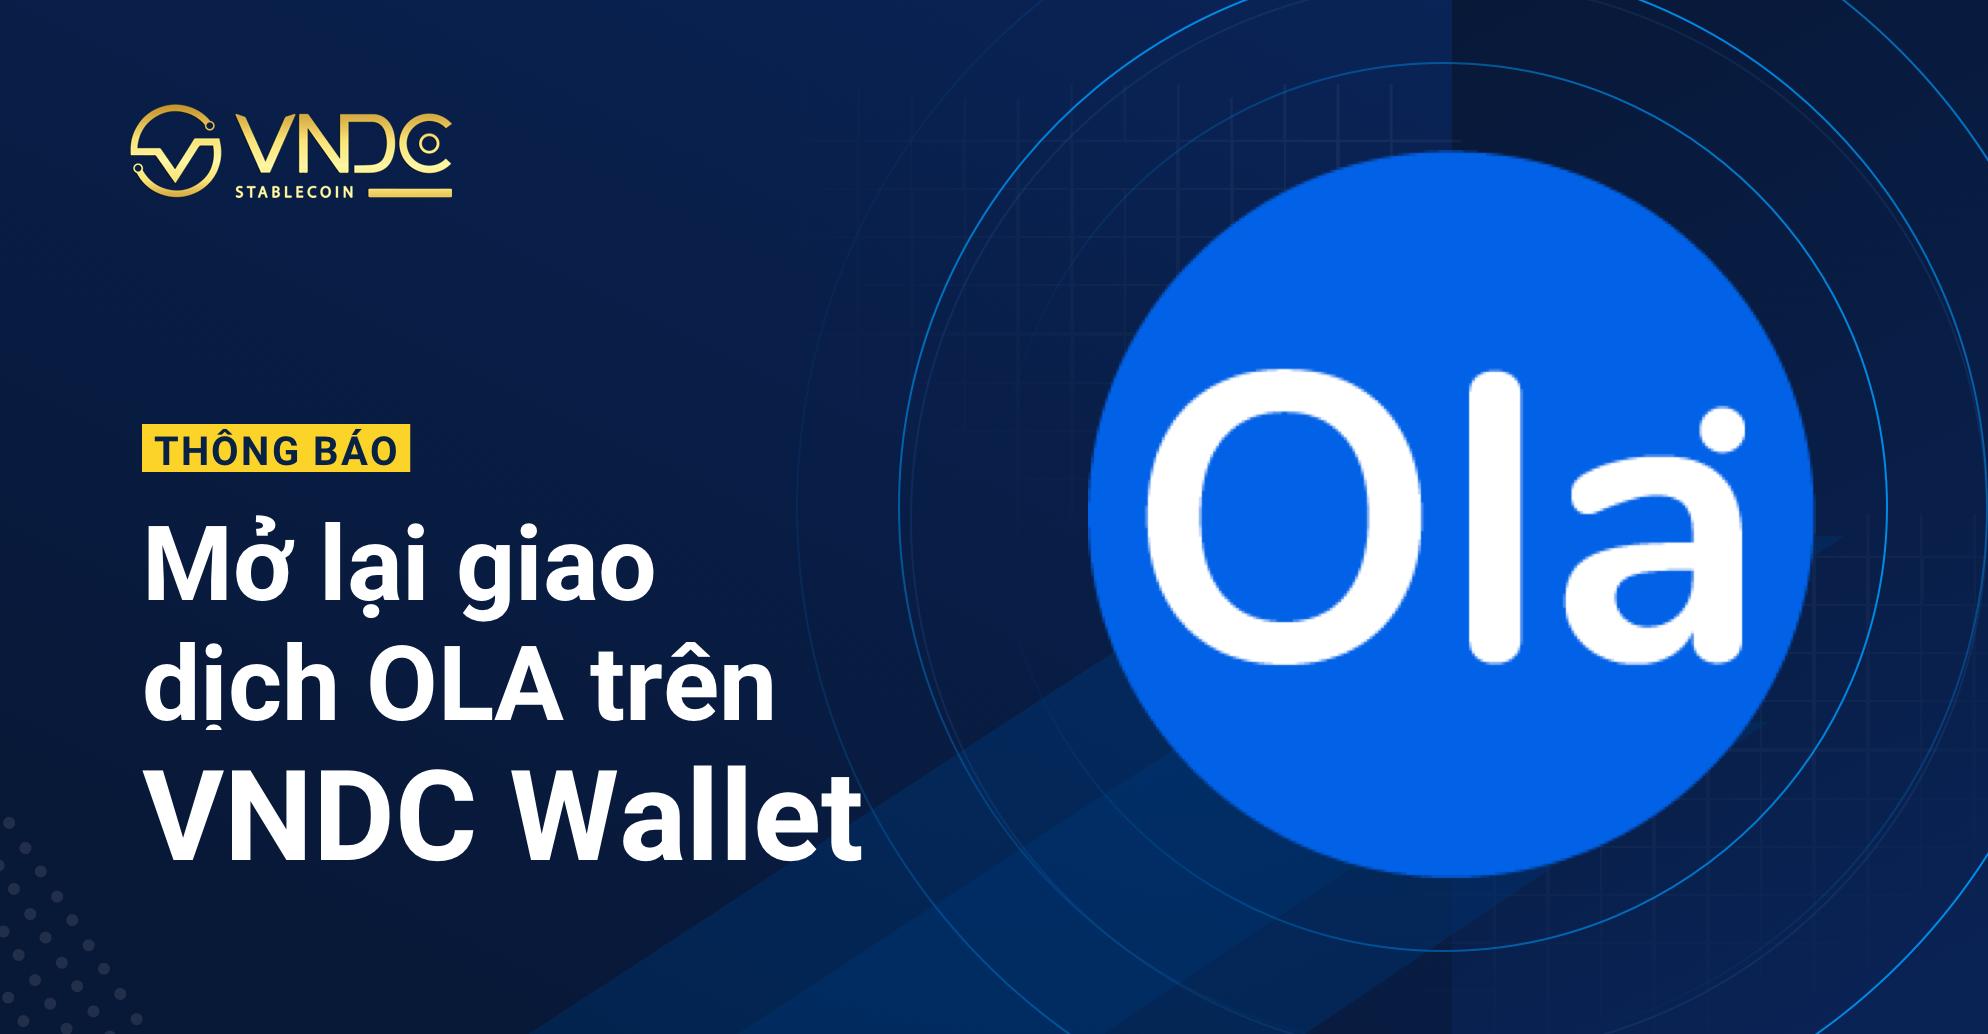 Thông báo: Mở lại giao dịch Gửi On-chain cho OLA